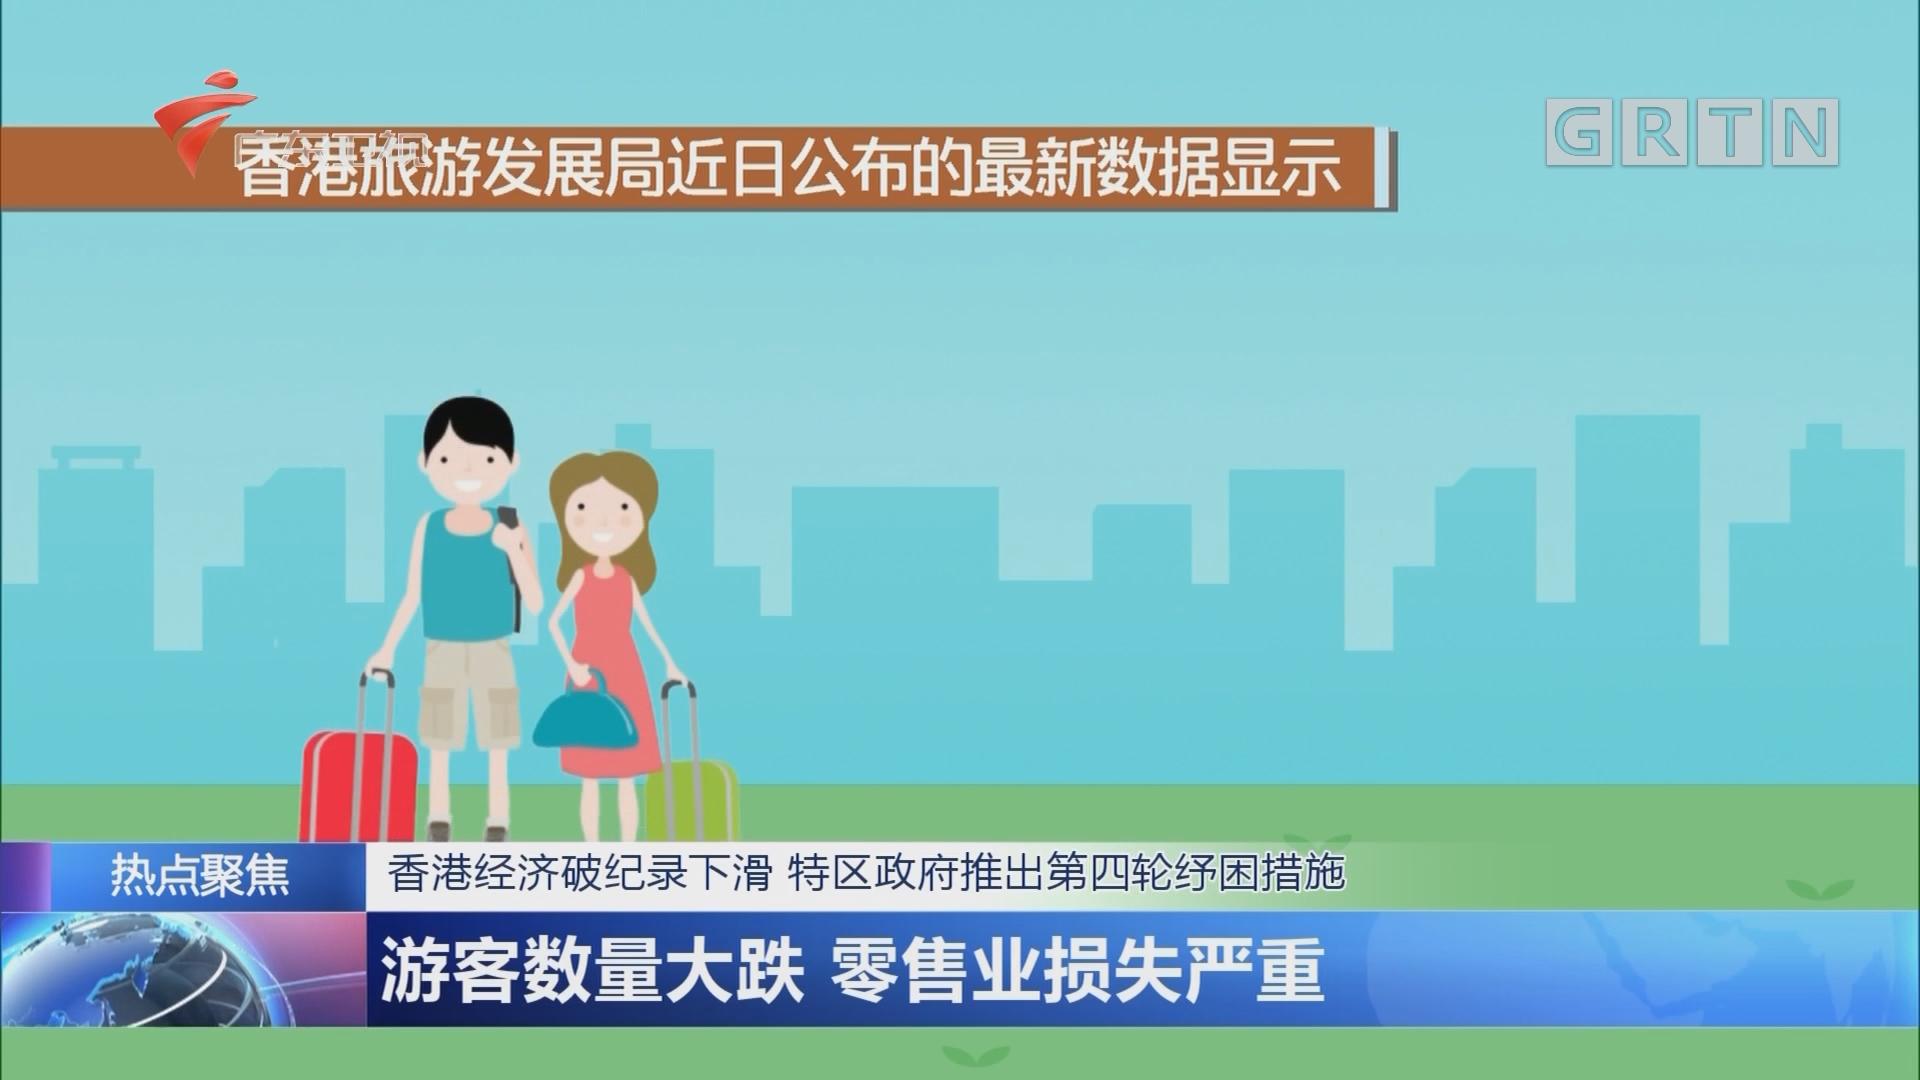 香港经济破纪录下滑 特区政府推出第四轮纾困措施 游客数量大跌 零售业损失严重